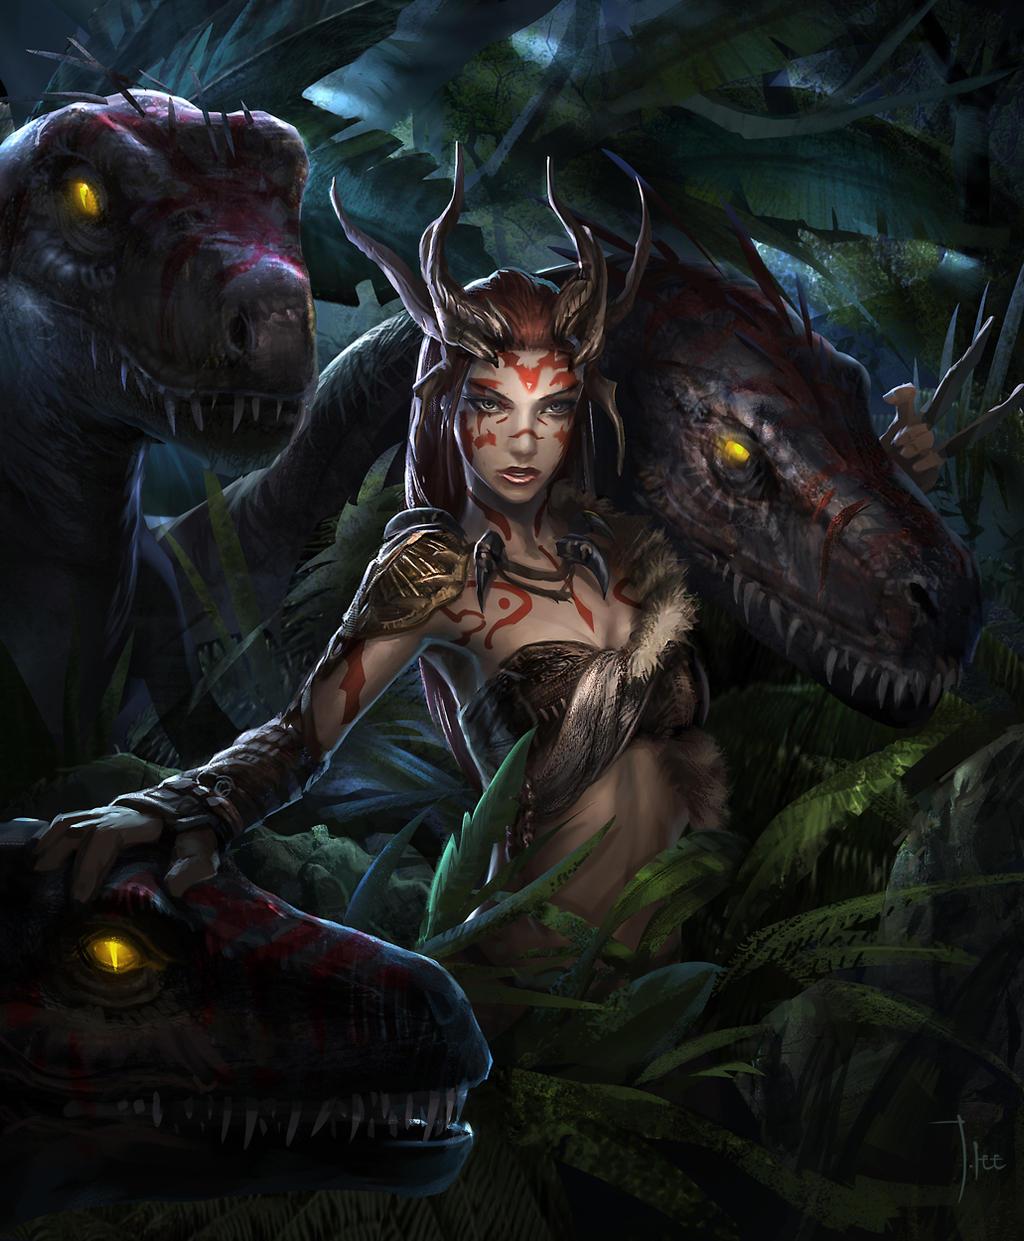 raptor queen by LeeJJ